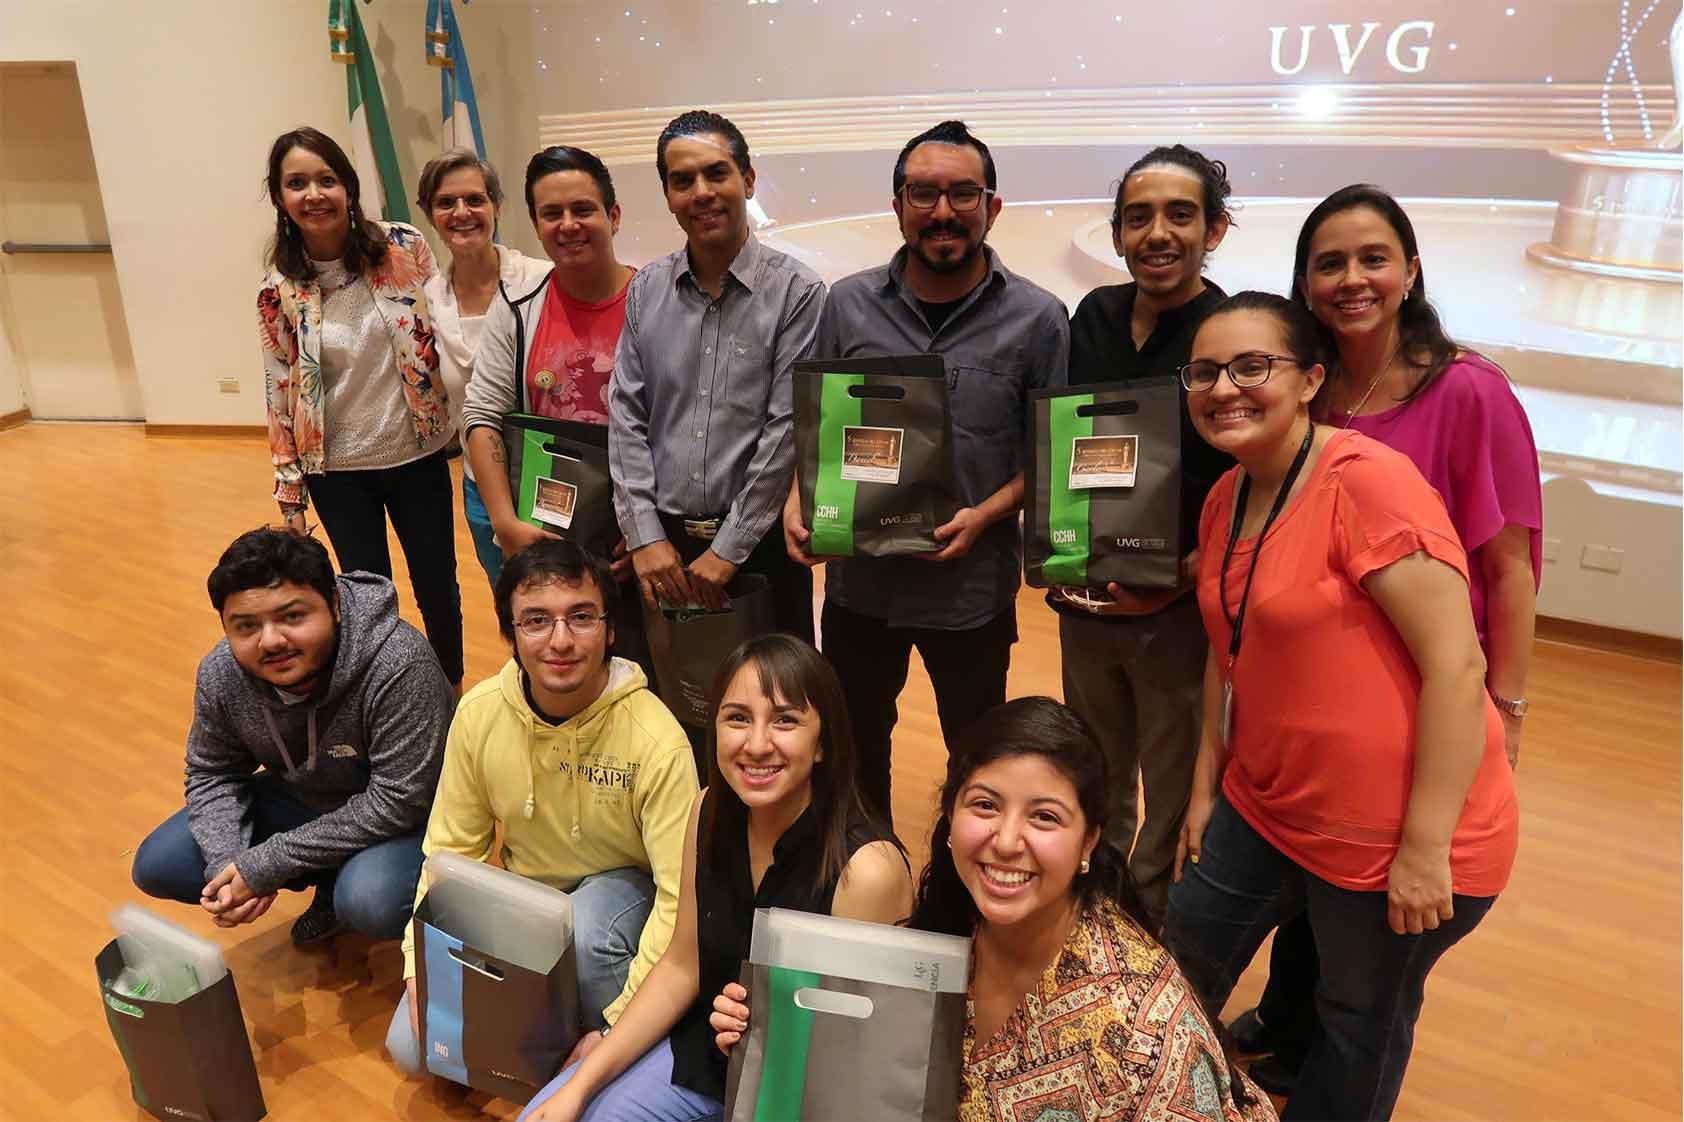 Premio al mejor cortometraje ambiental: Crónica de proyectos reales